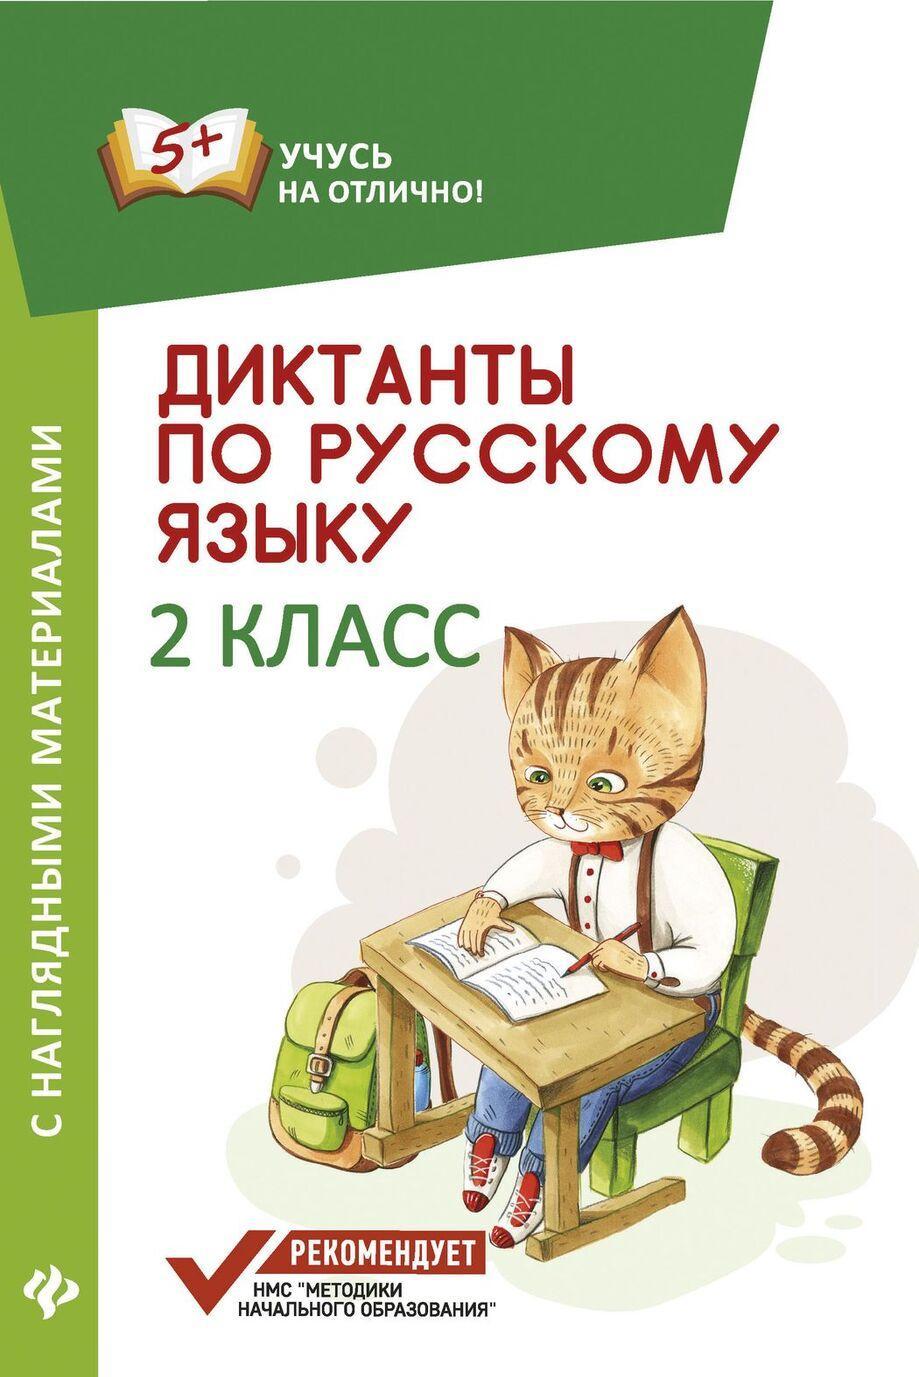 Диктанты по русскому языку с нагл. матер. . 2 класс д